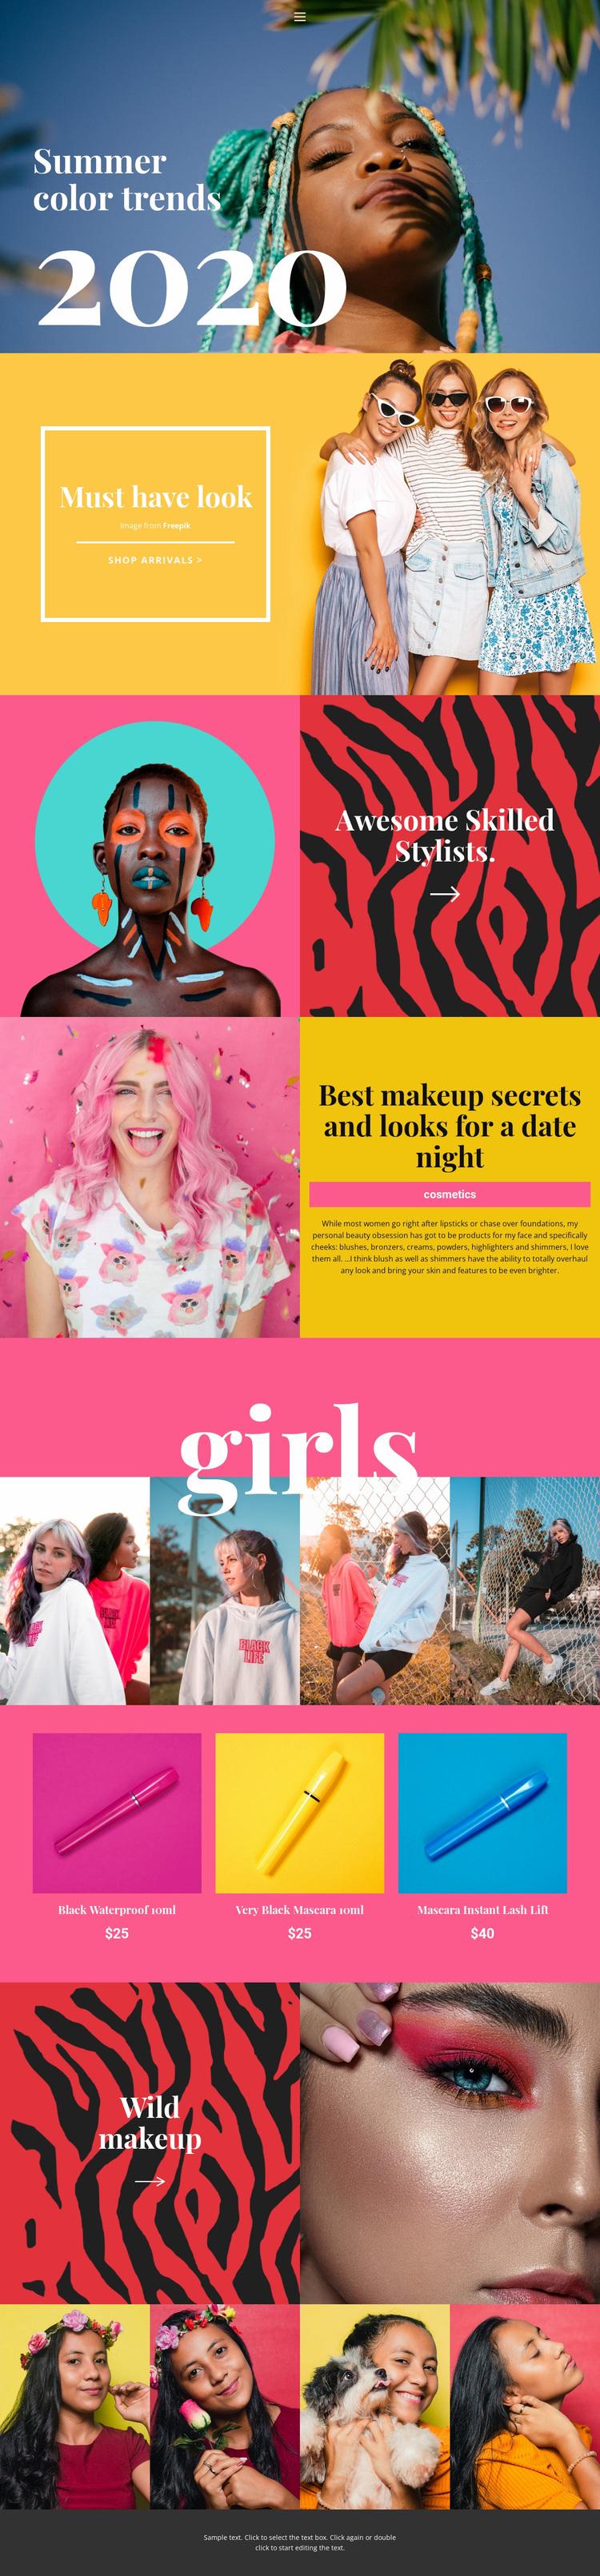 Beauty trends info Website Design